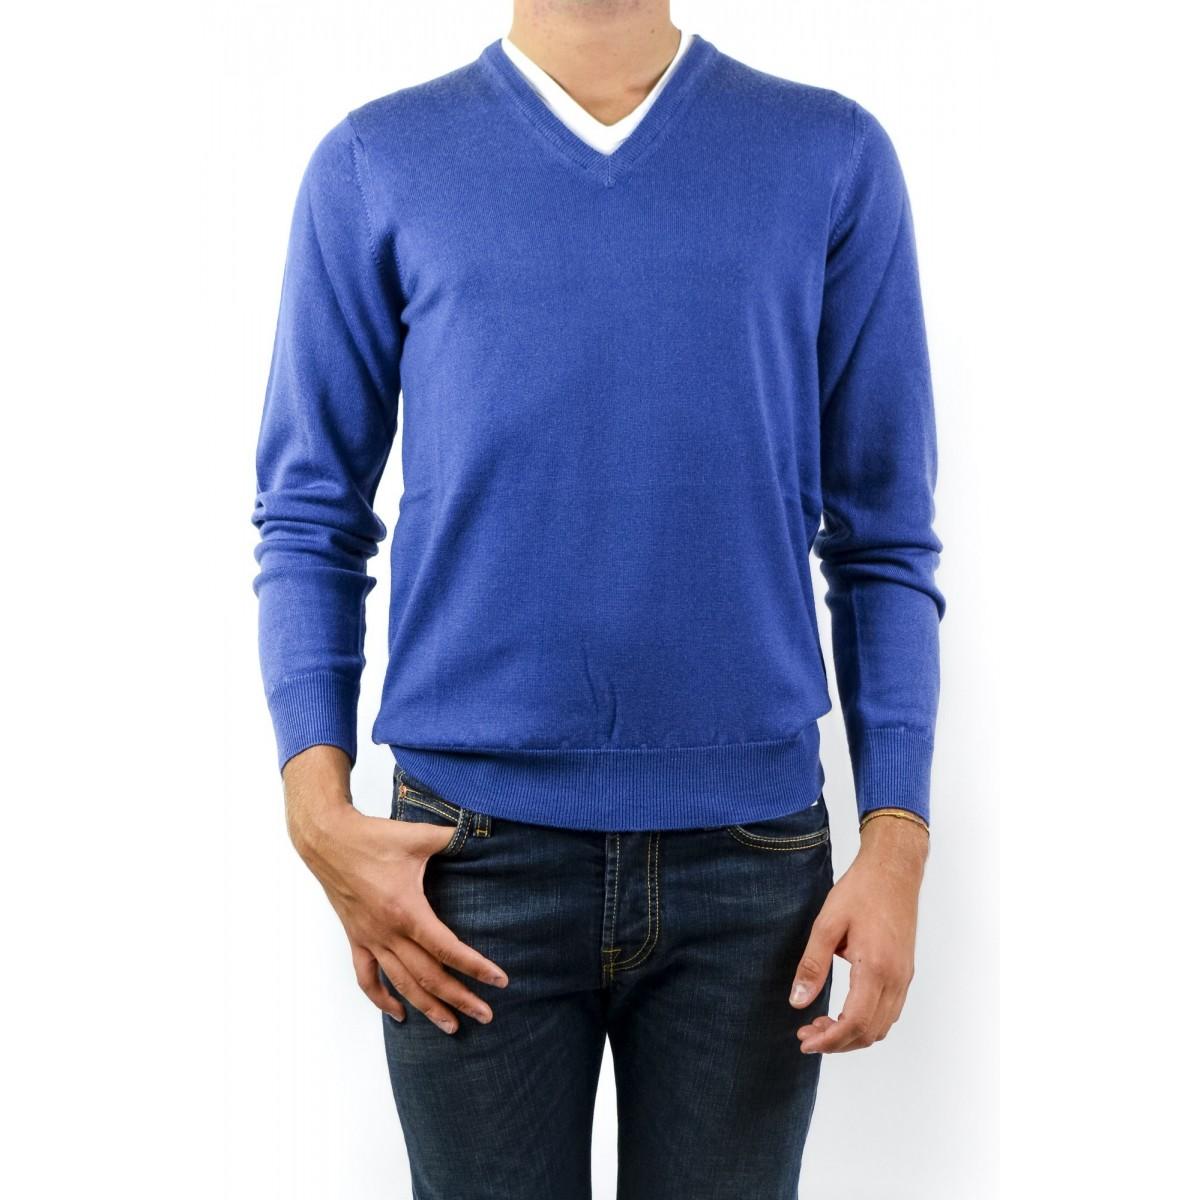 Jumper Kangra Man - 9020/02 18 - Azzurro jeans